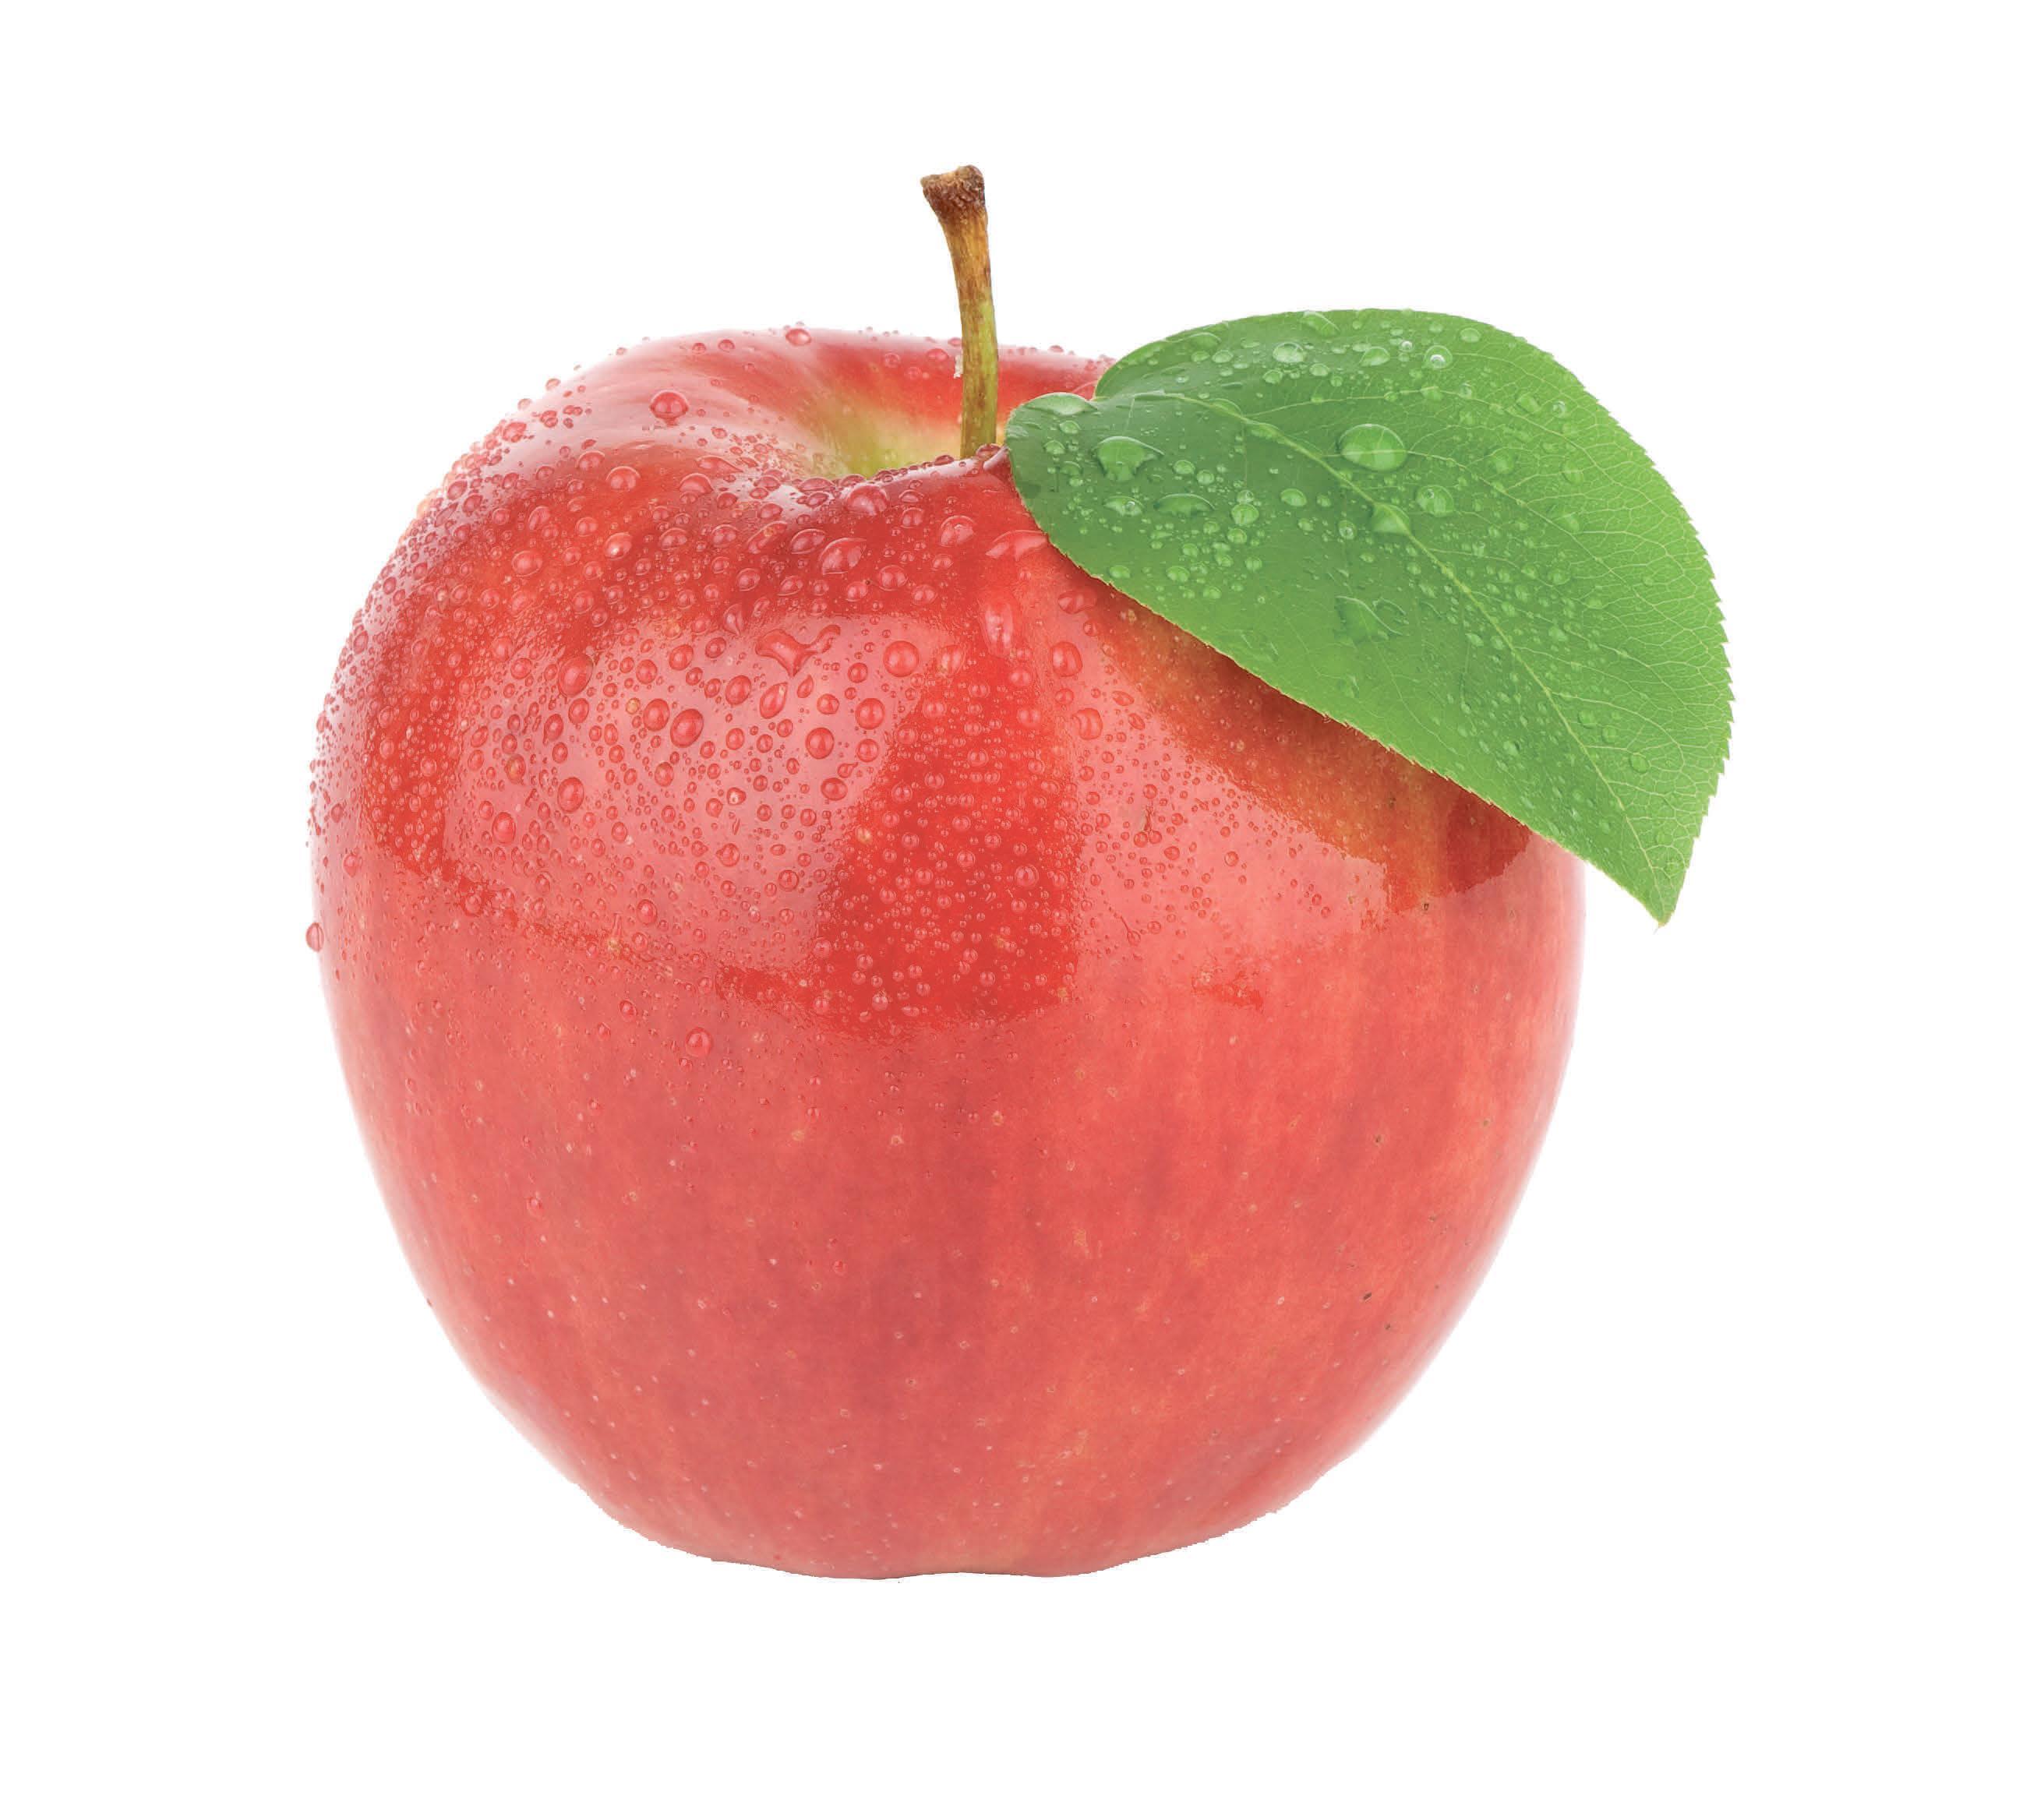 Die Septemberernte verspricht eine große Auswahl an frischem Gemüse und Obst Image 1